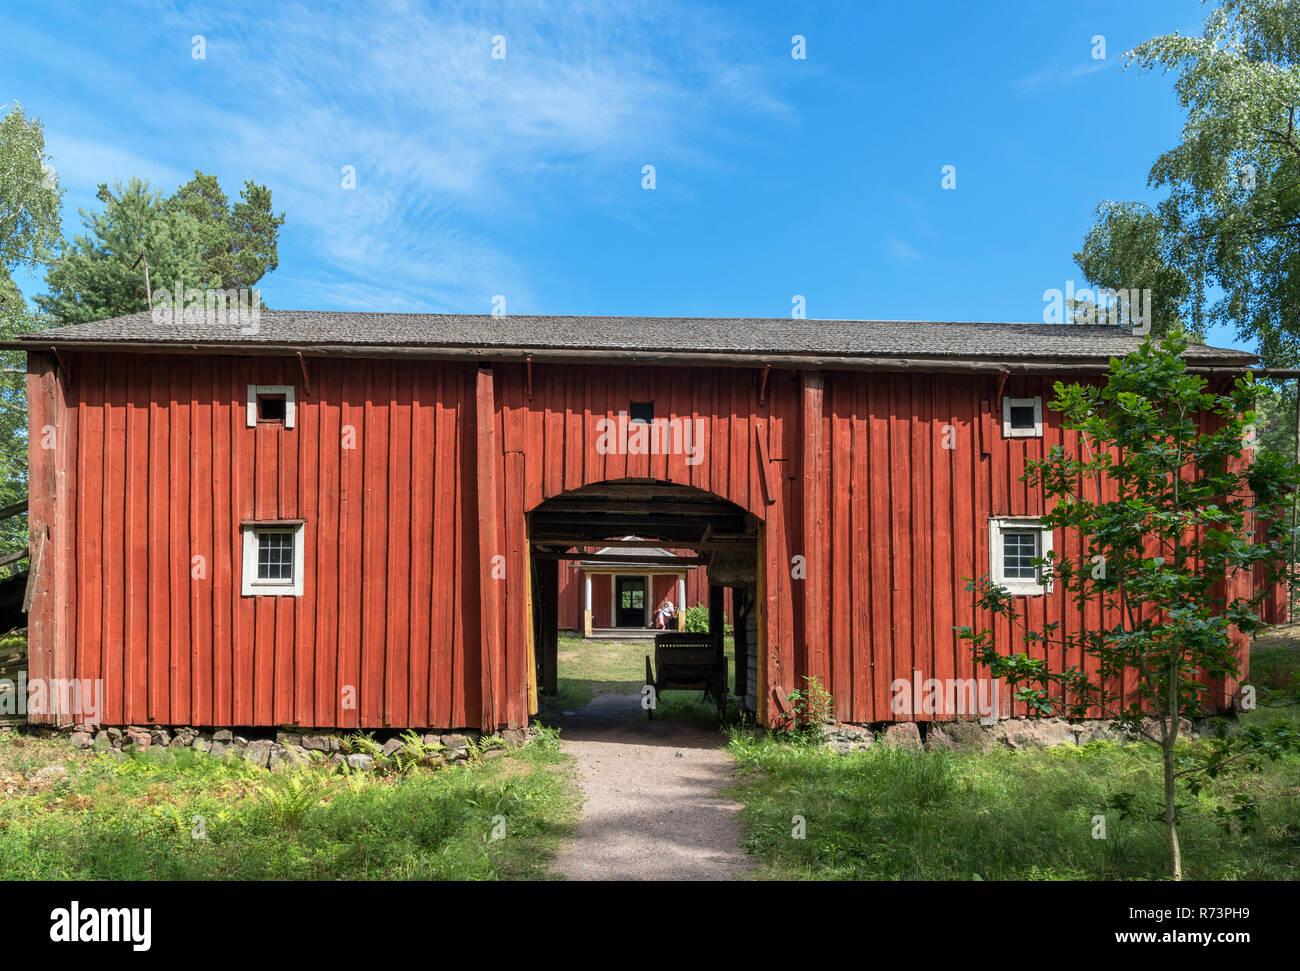 The 18th cenury Ivars Farmstead (from Närpiö, Ostrobothnia), Seurasaari Open-Air Museum, Seurasaari, Helsinki, Finland. - Stock Image